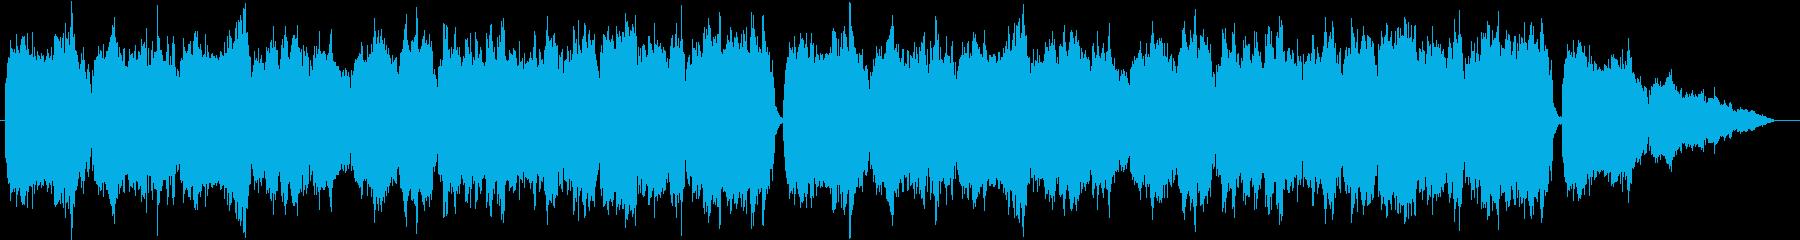 ダブルリードとストリングス主体の悲しい曲の再生済みの波形